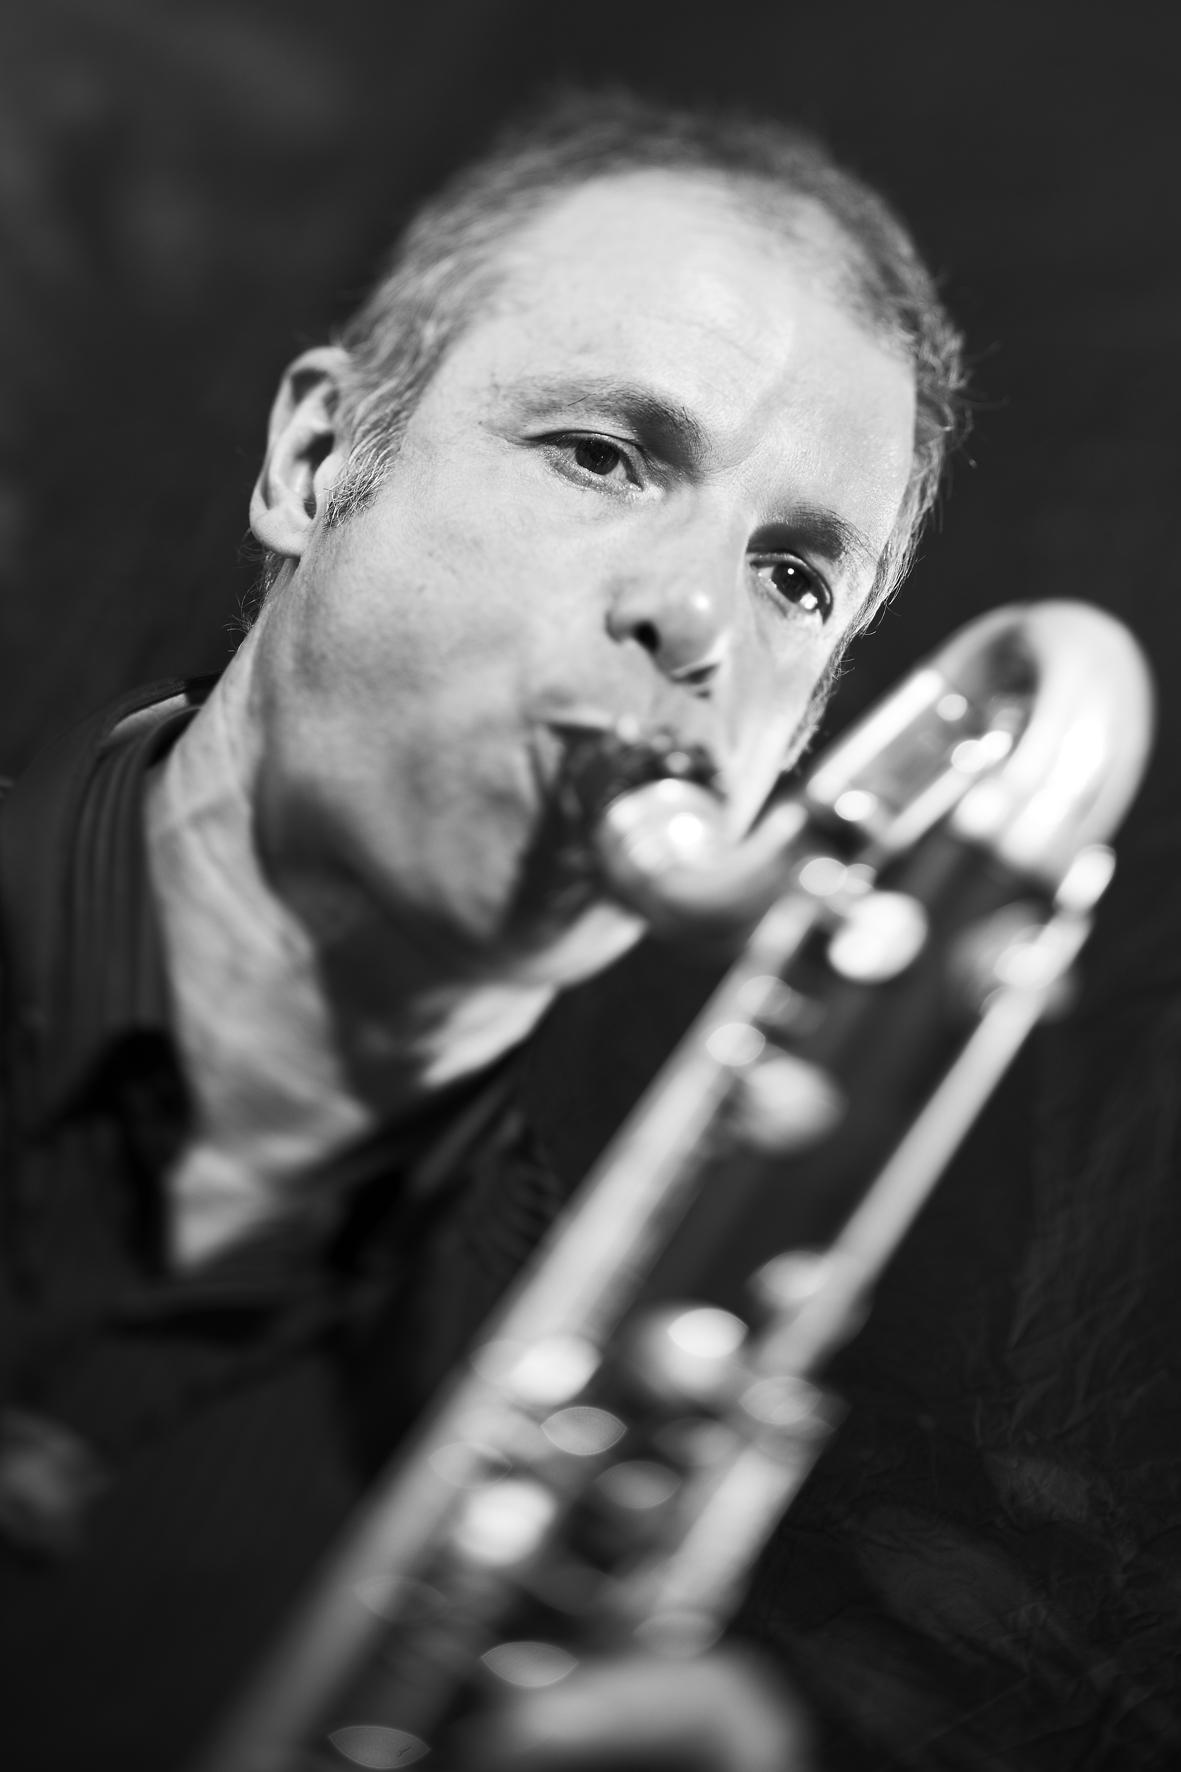 Joachim Zoepf